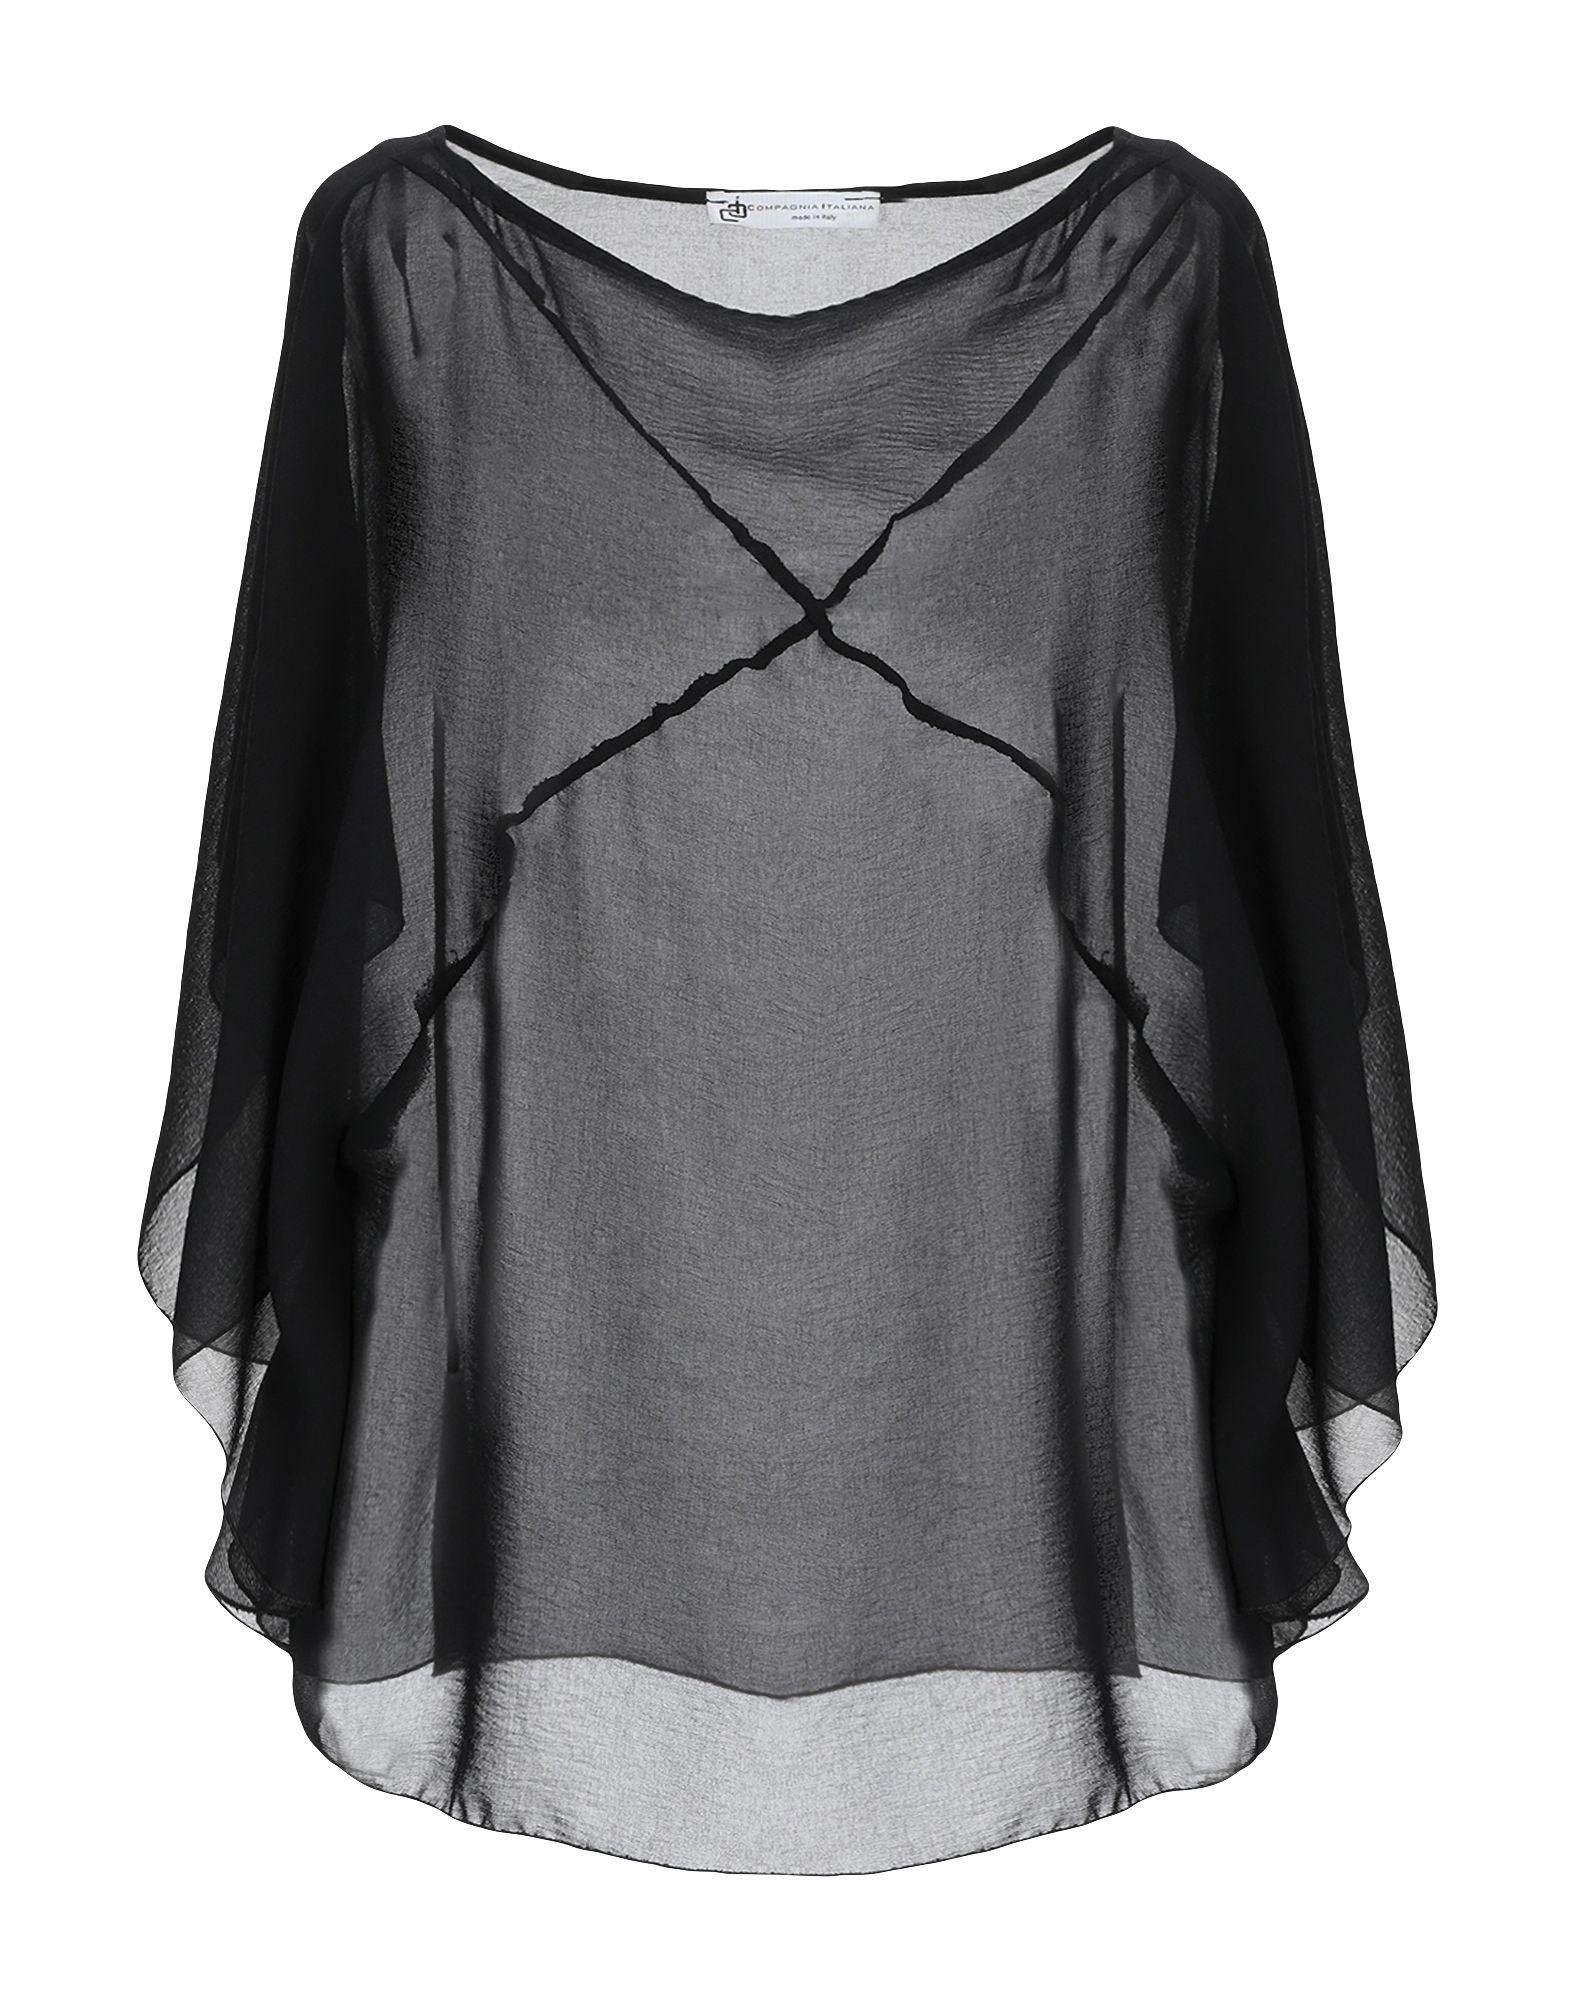 цена COMPAGNIA ITALIANA Блузка в интернет-магазинах